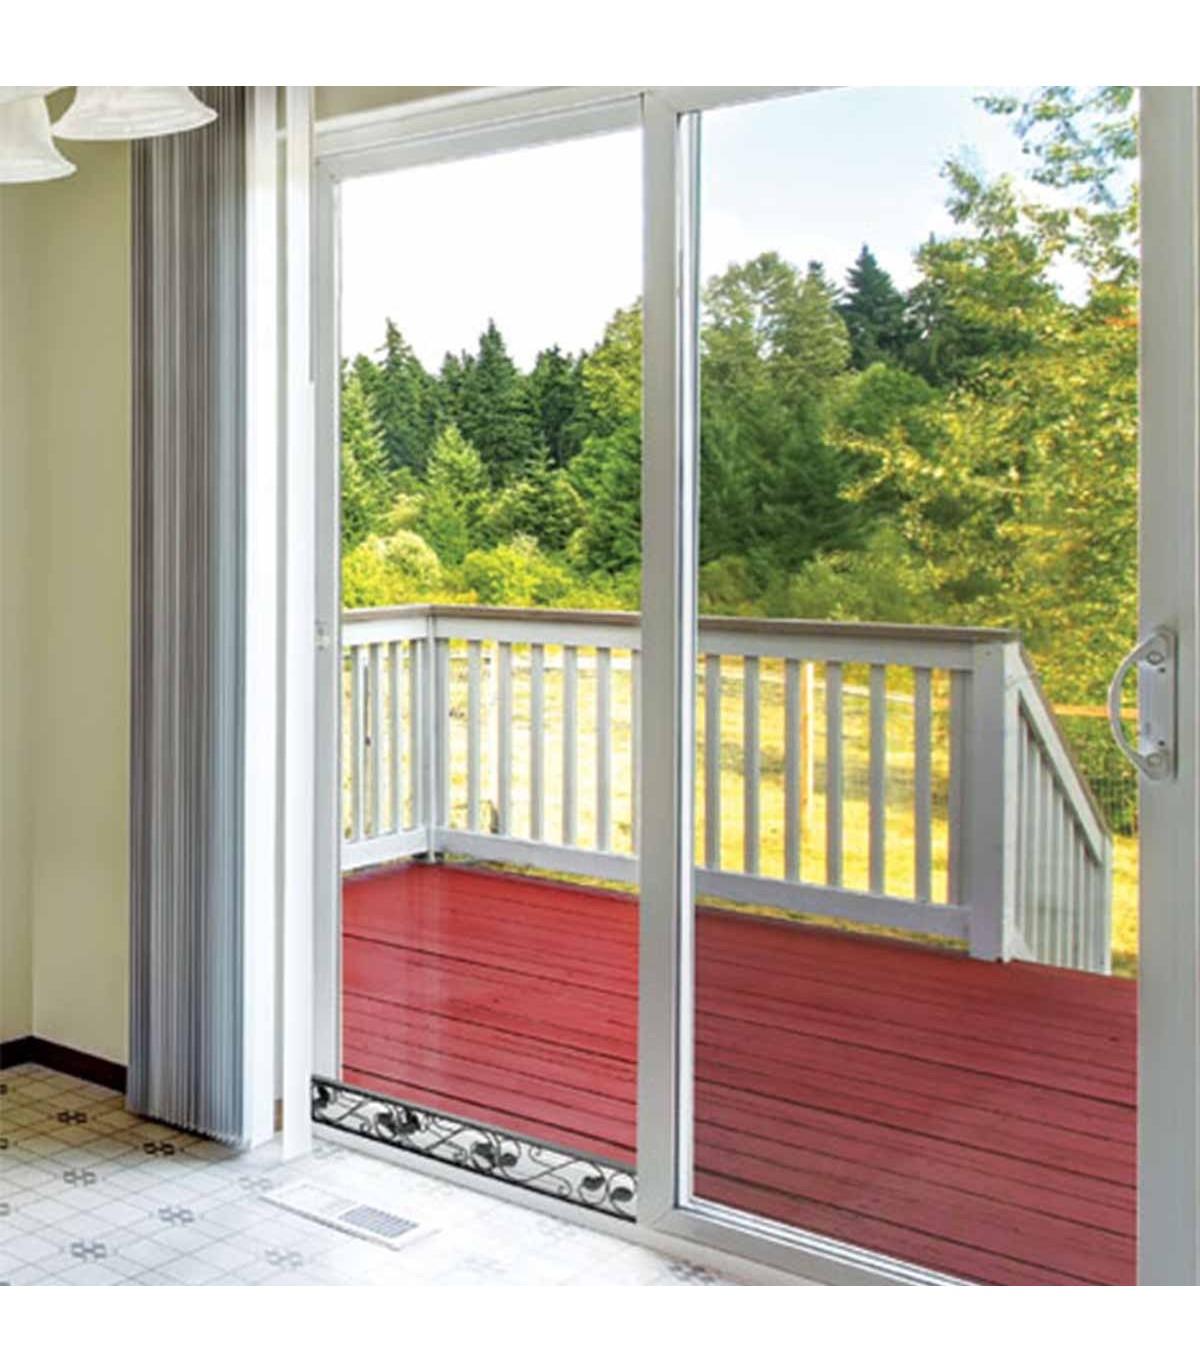 barre de securite decorative pour baie vitree